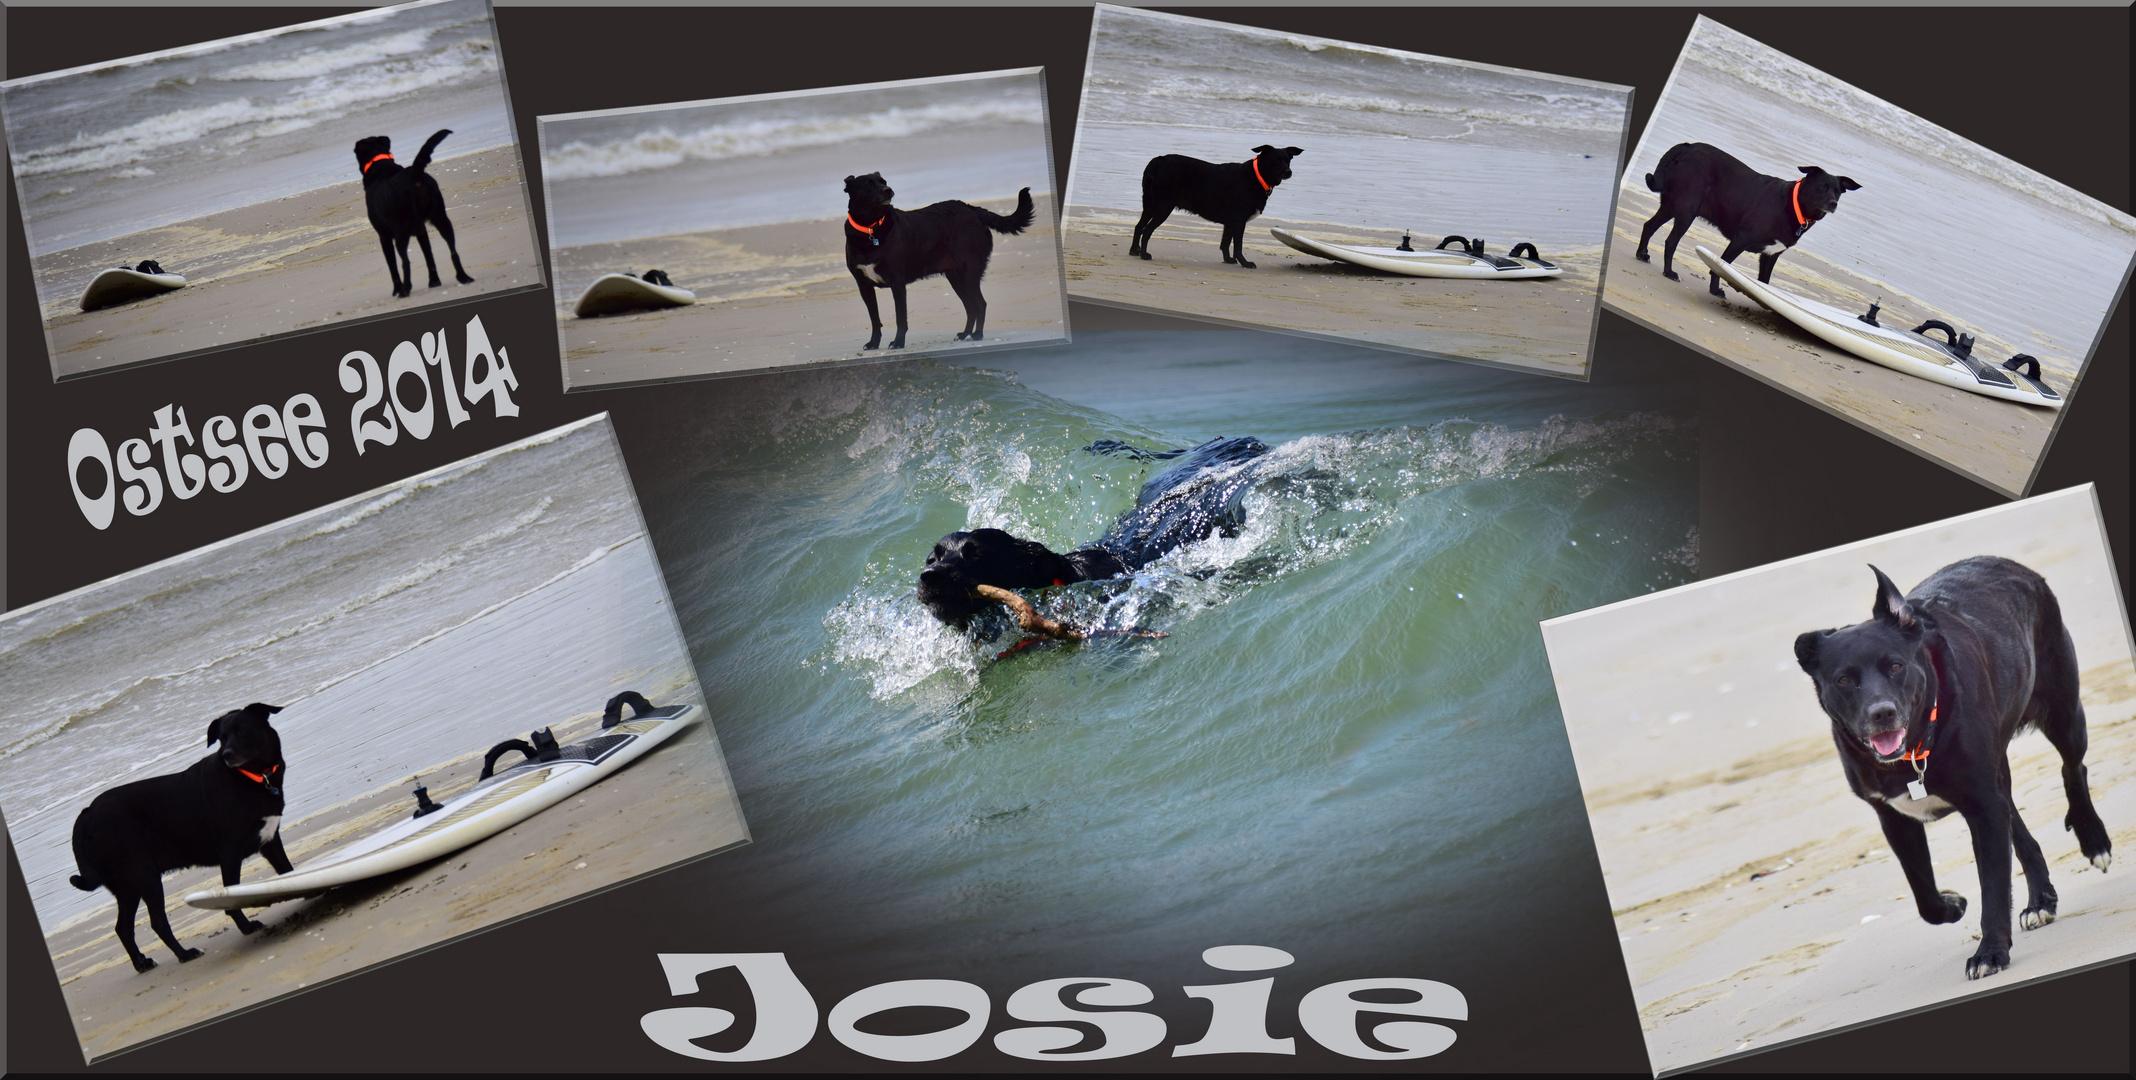 Surfing in der Ostsee .....